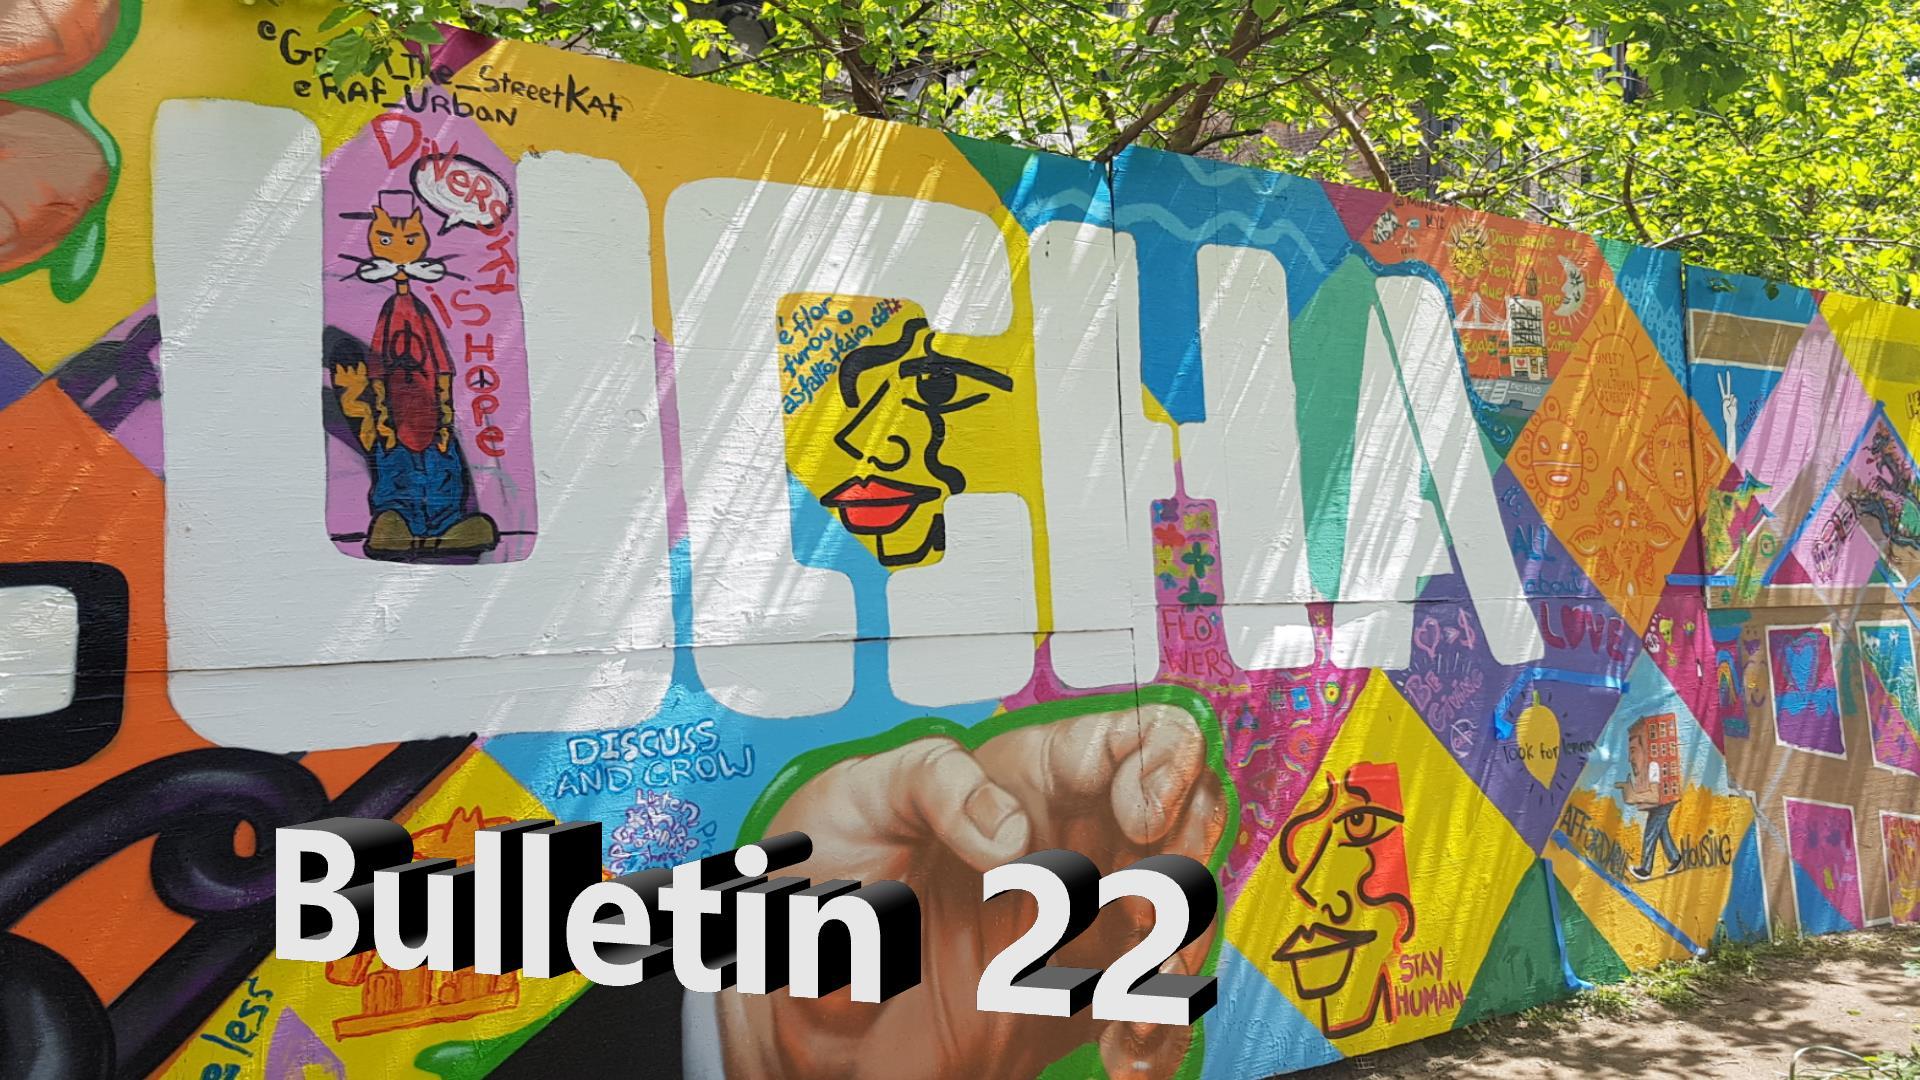 Bulletin 22, June 11